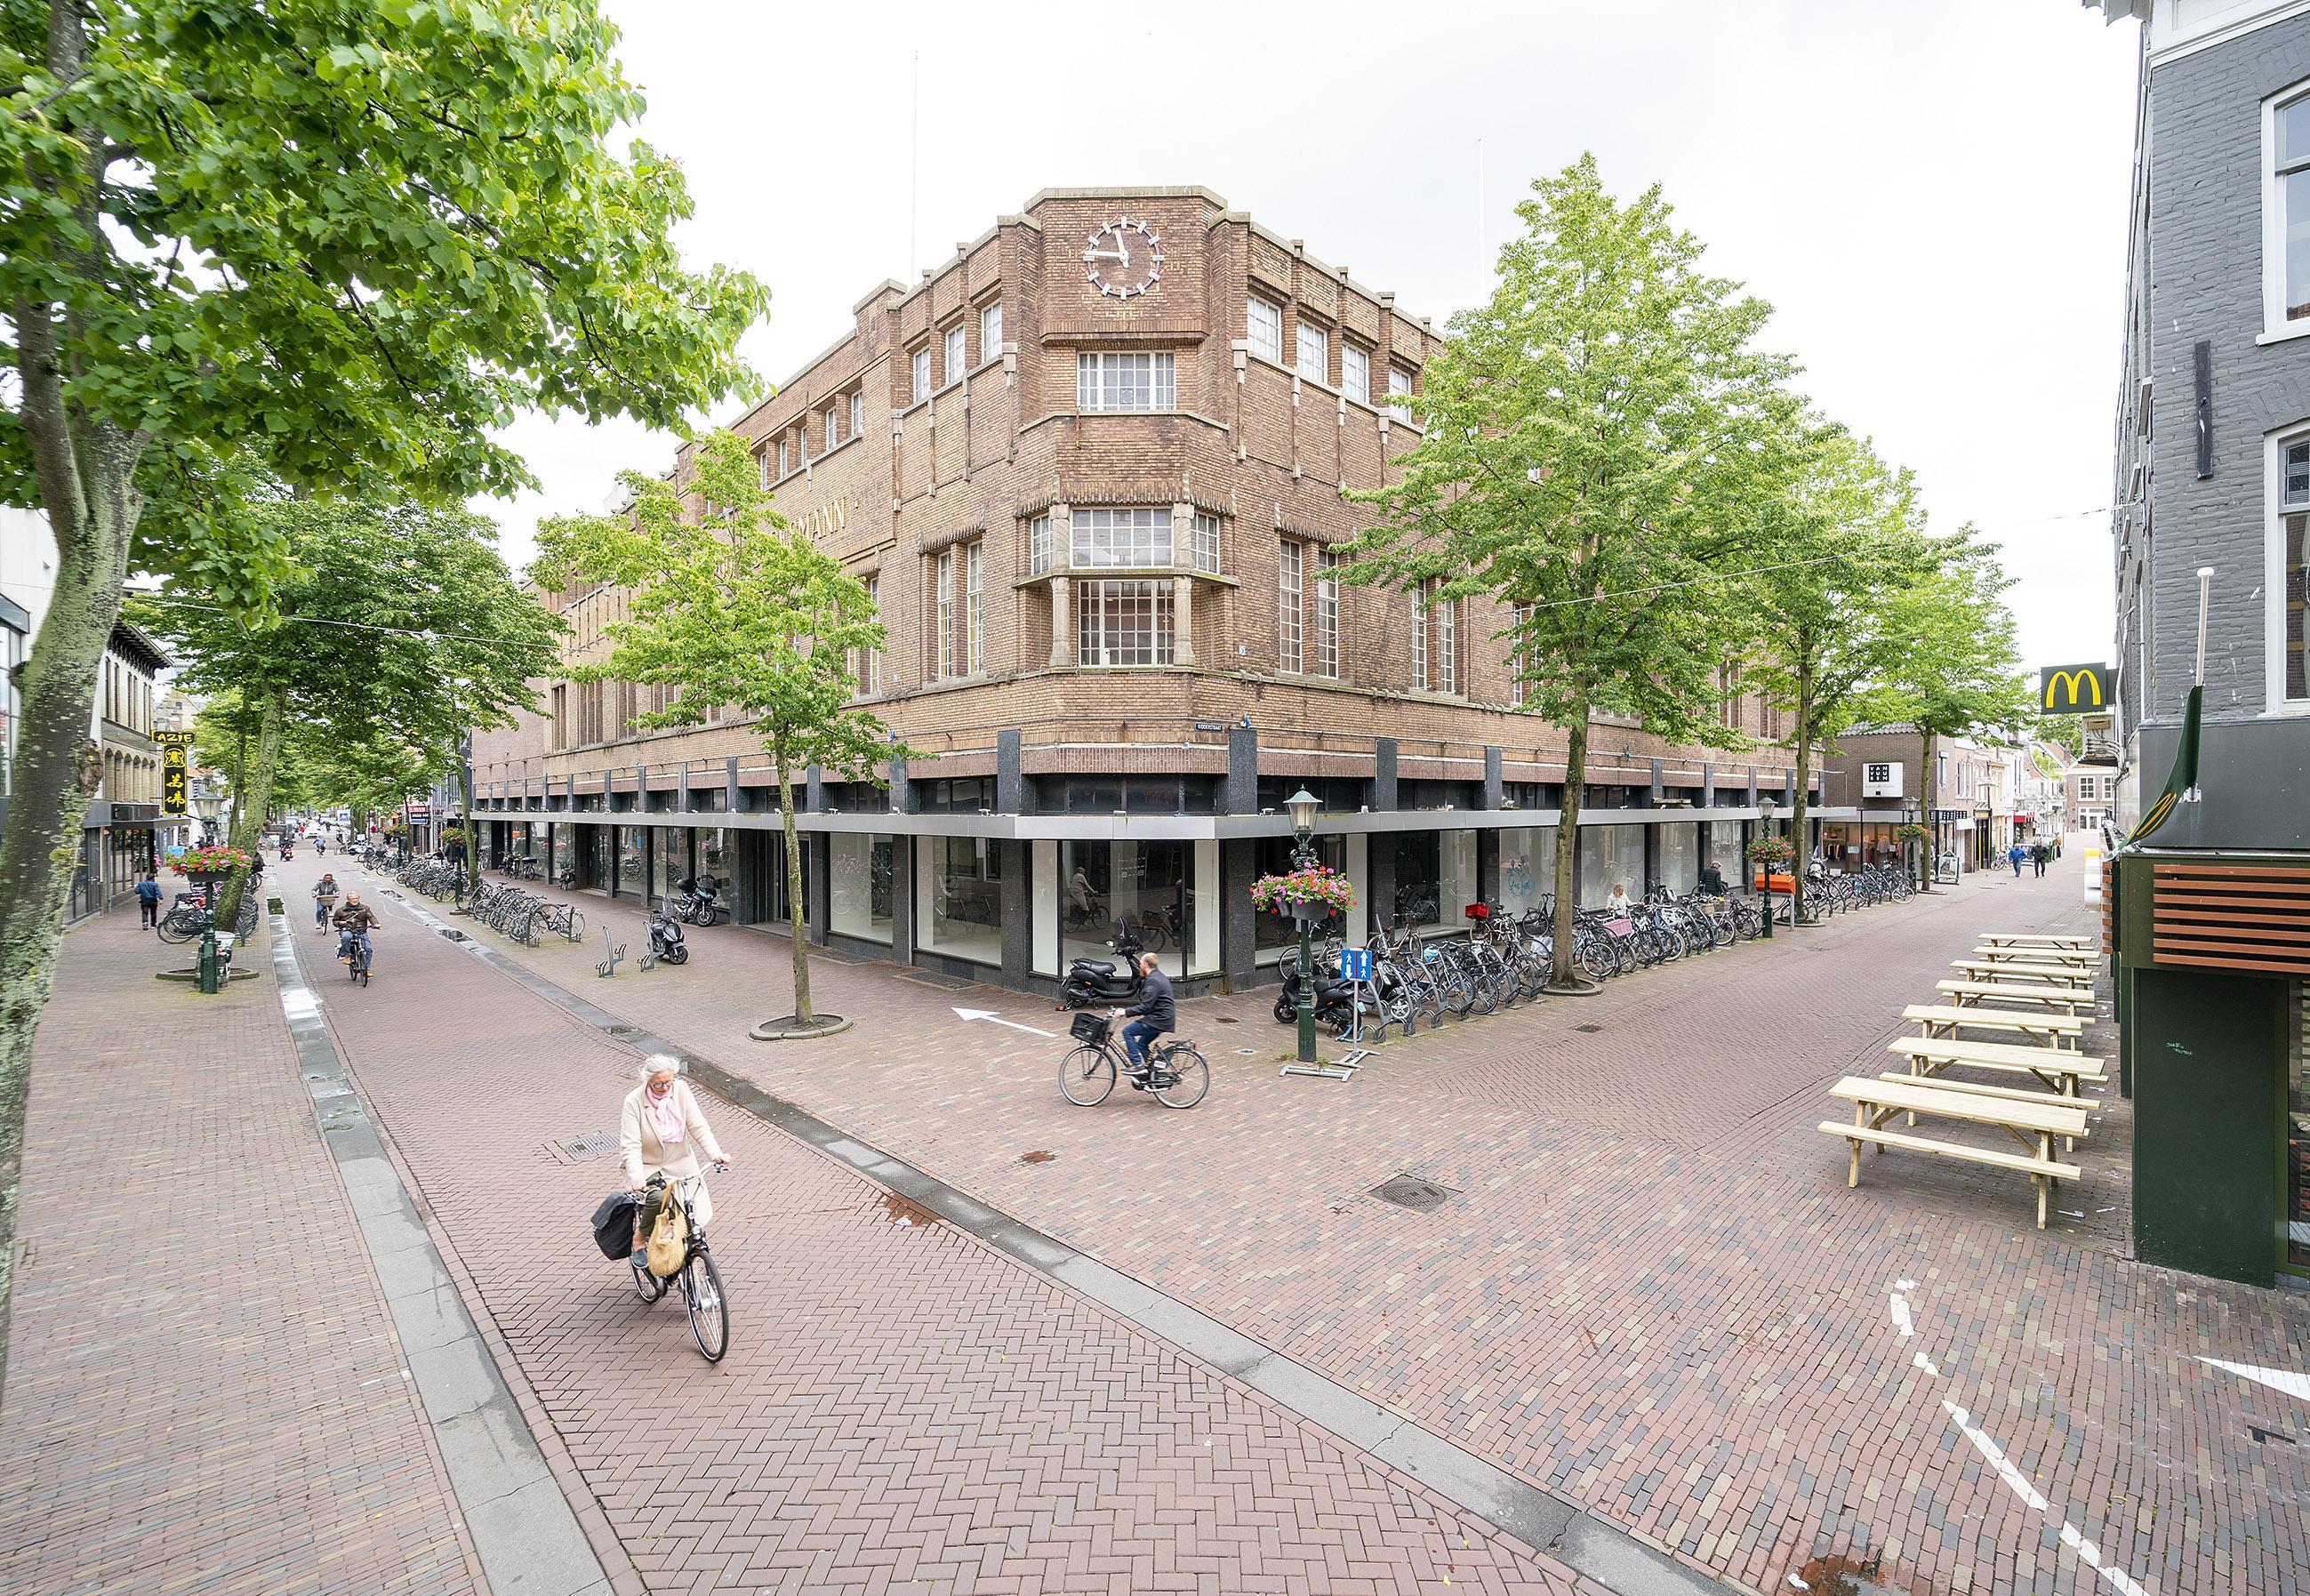 Bloemendaalse miljonairs zijn de kopers van voormalig V&D-pand in Alkmaar